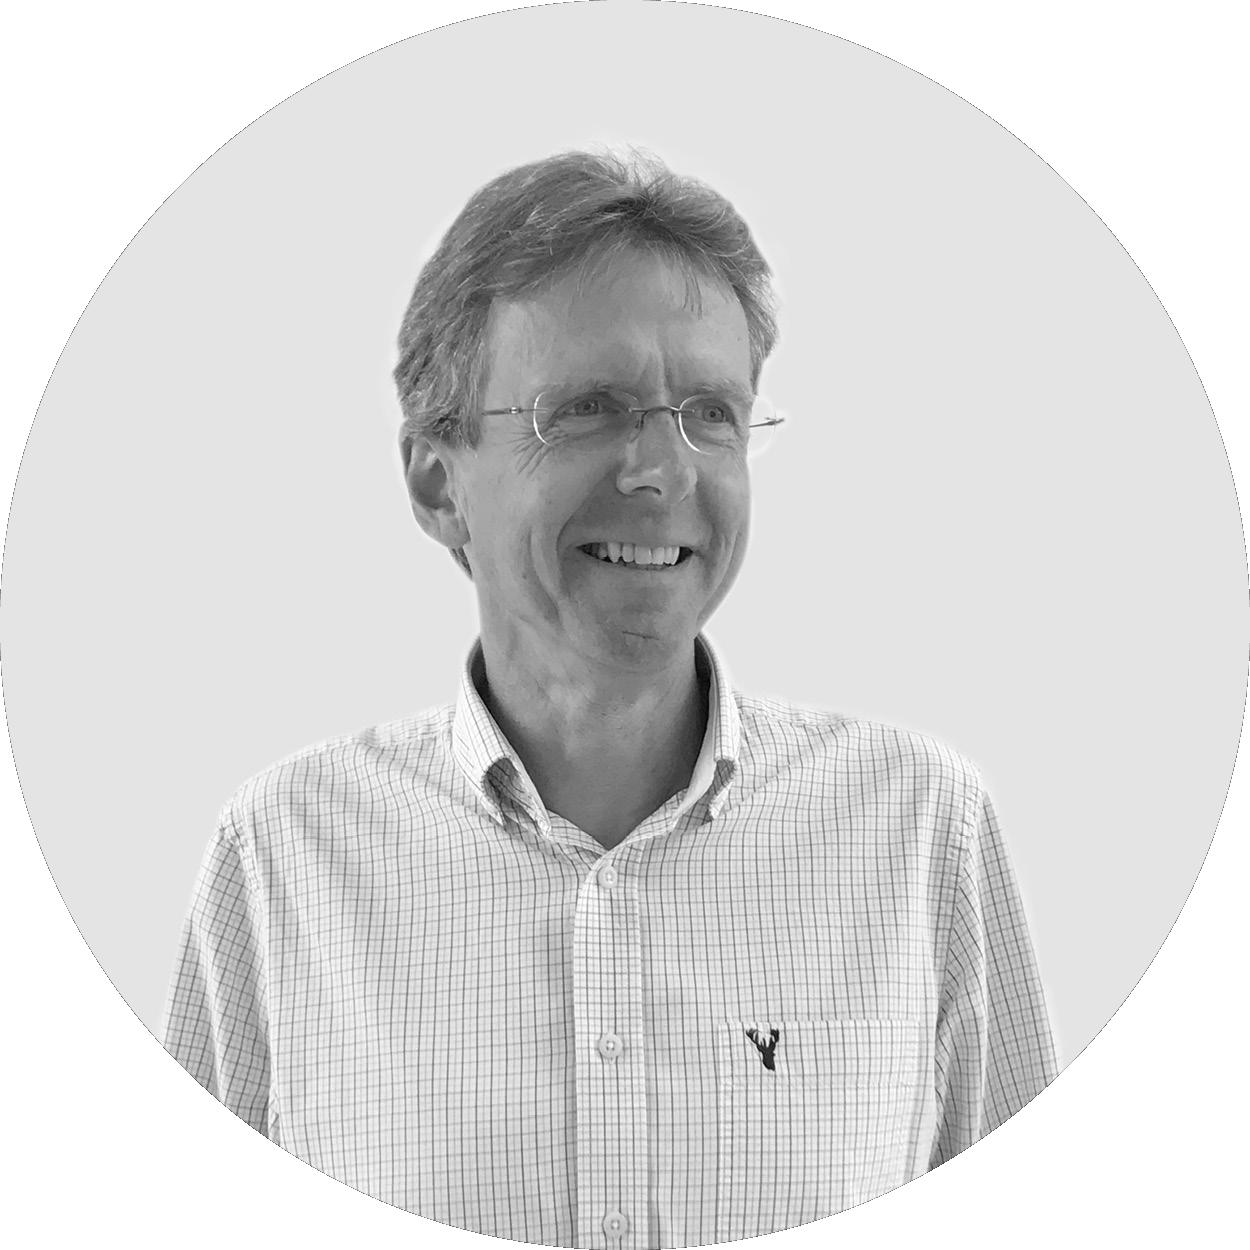 Stephen Eason - Strategic Advisor & IP Consultant